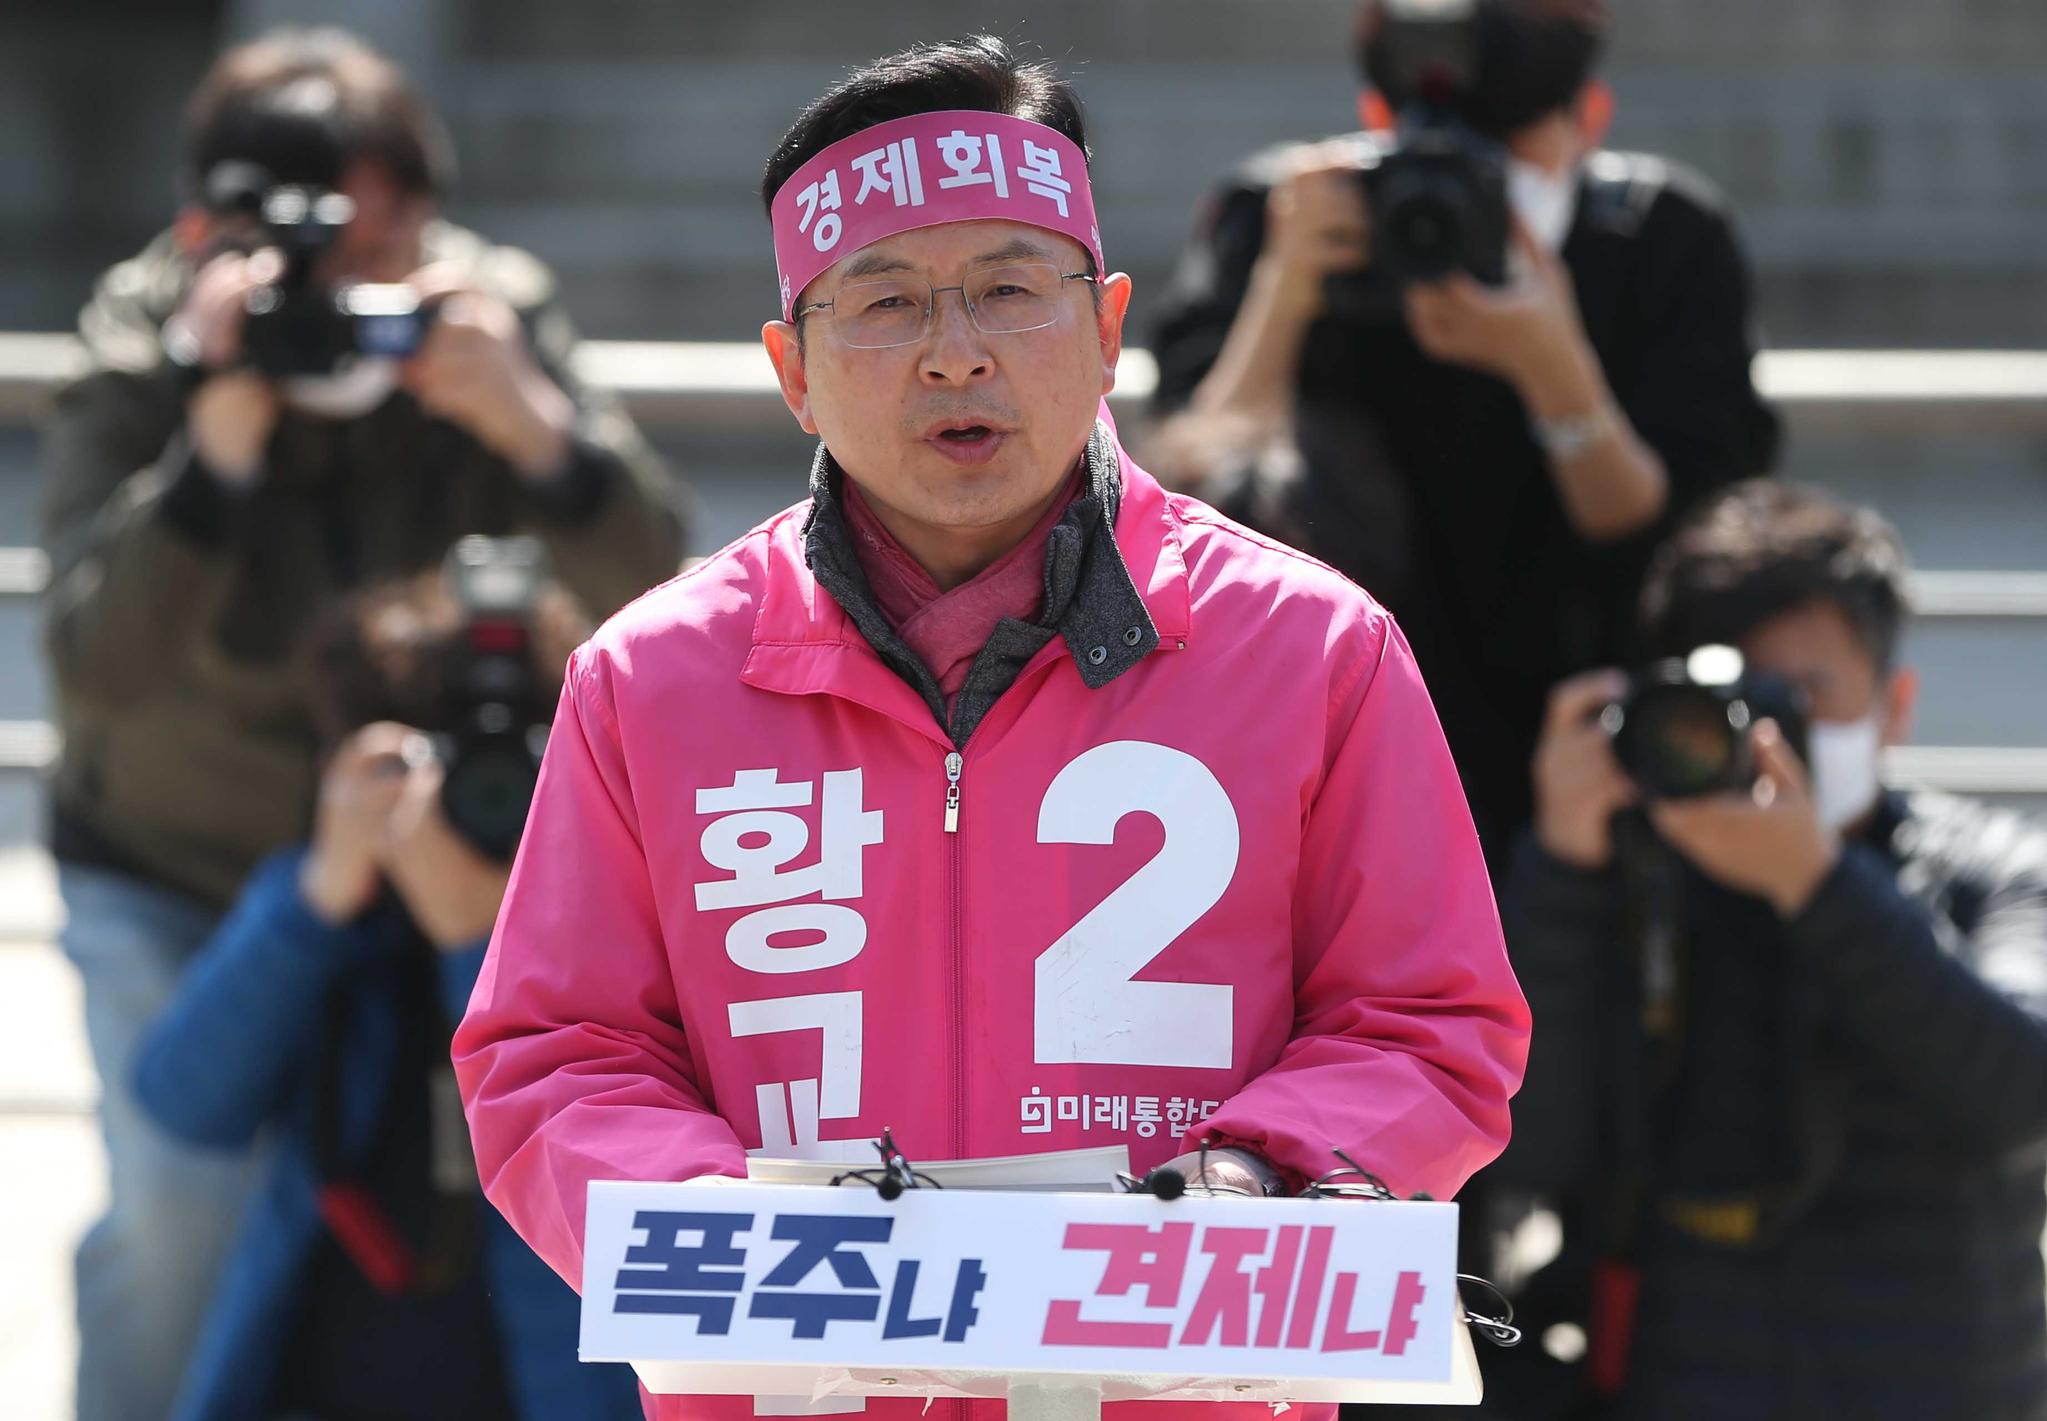 황교안 미래통합당 후보가 14일 서울 종로구 보신각에서 기자회견을 열고 큰 절을 하며 유권자들의 지지를 호소했다. 중앙포토